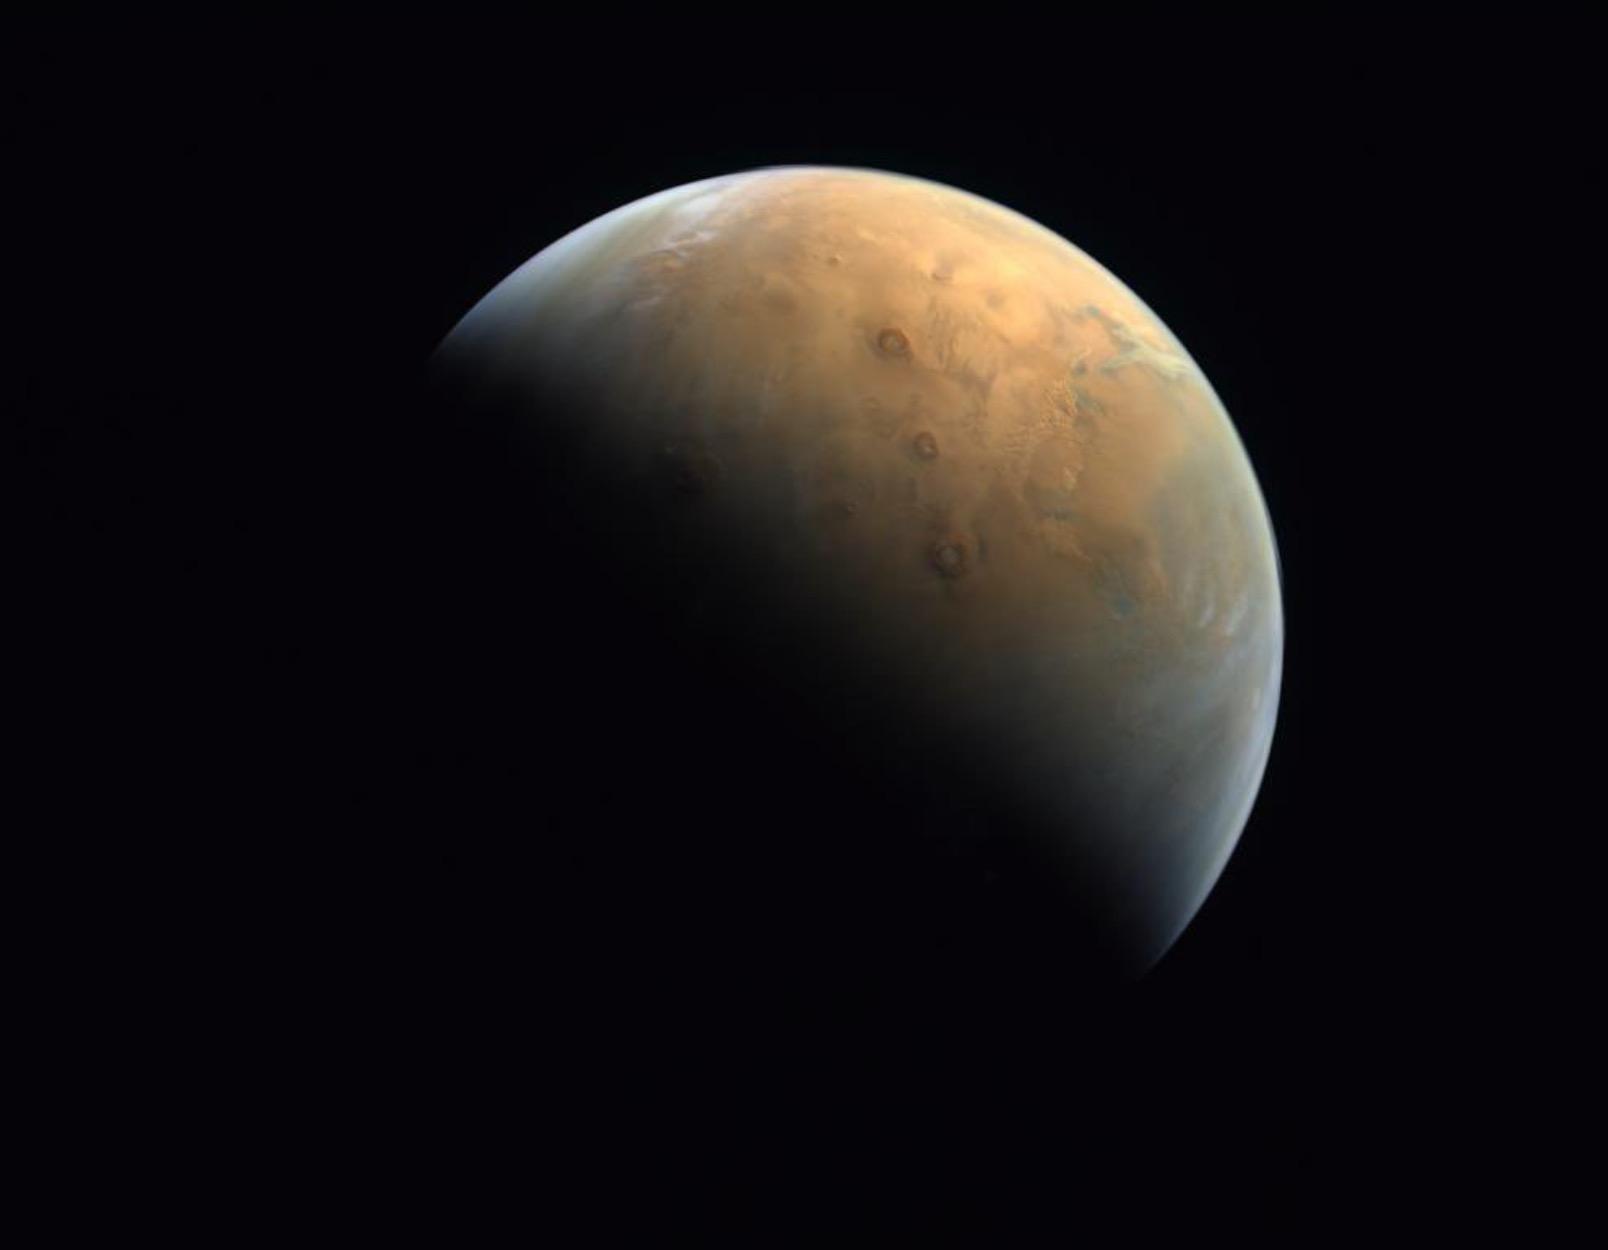 Sonda spaţială arabă Al-Amal a trimis prima imagine de pe Marte